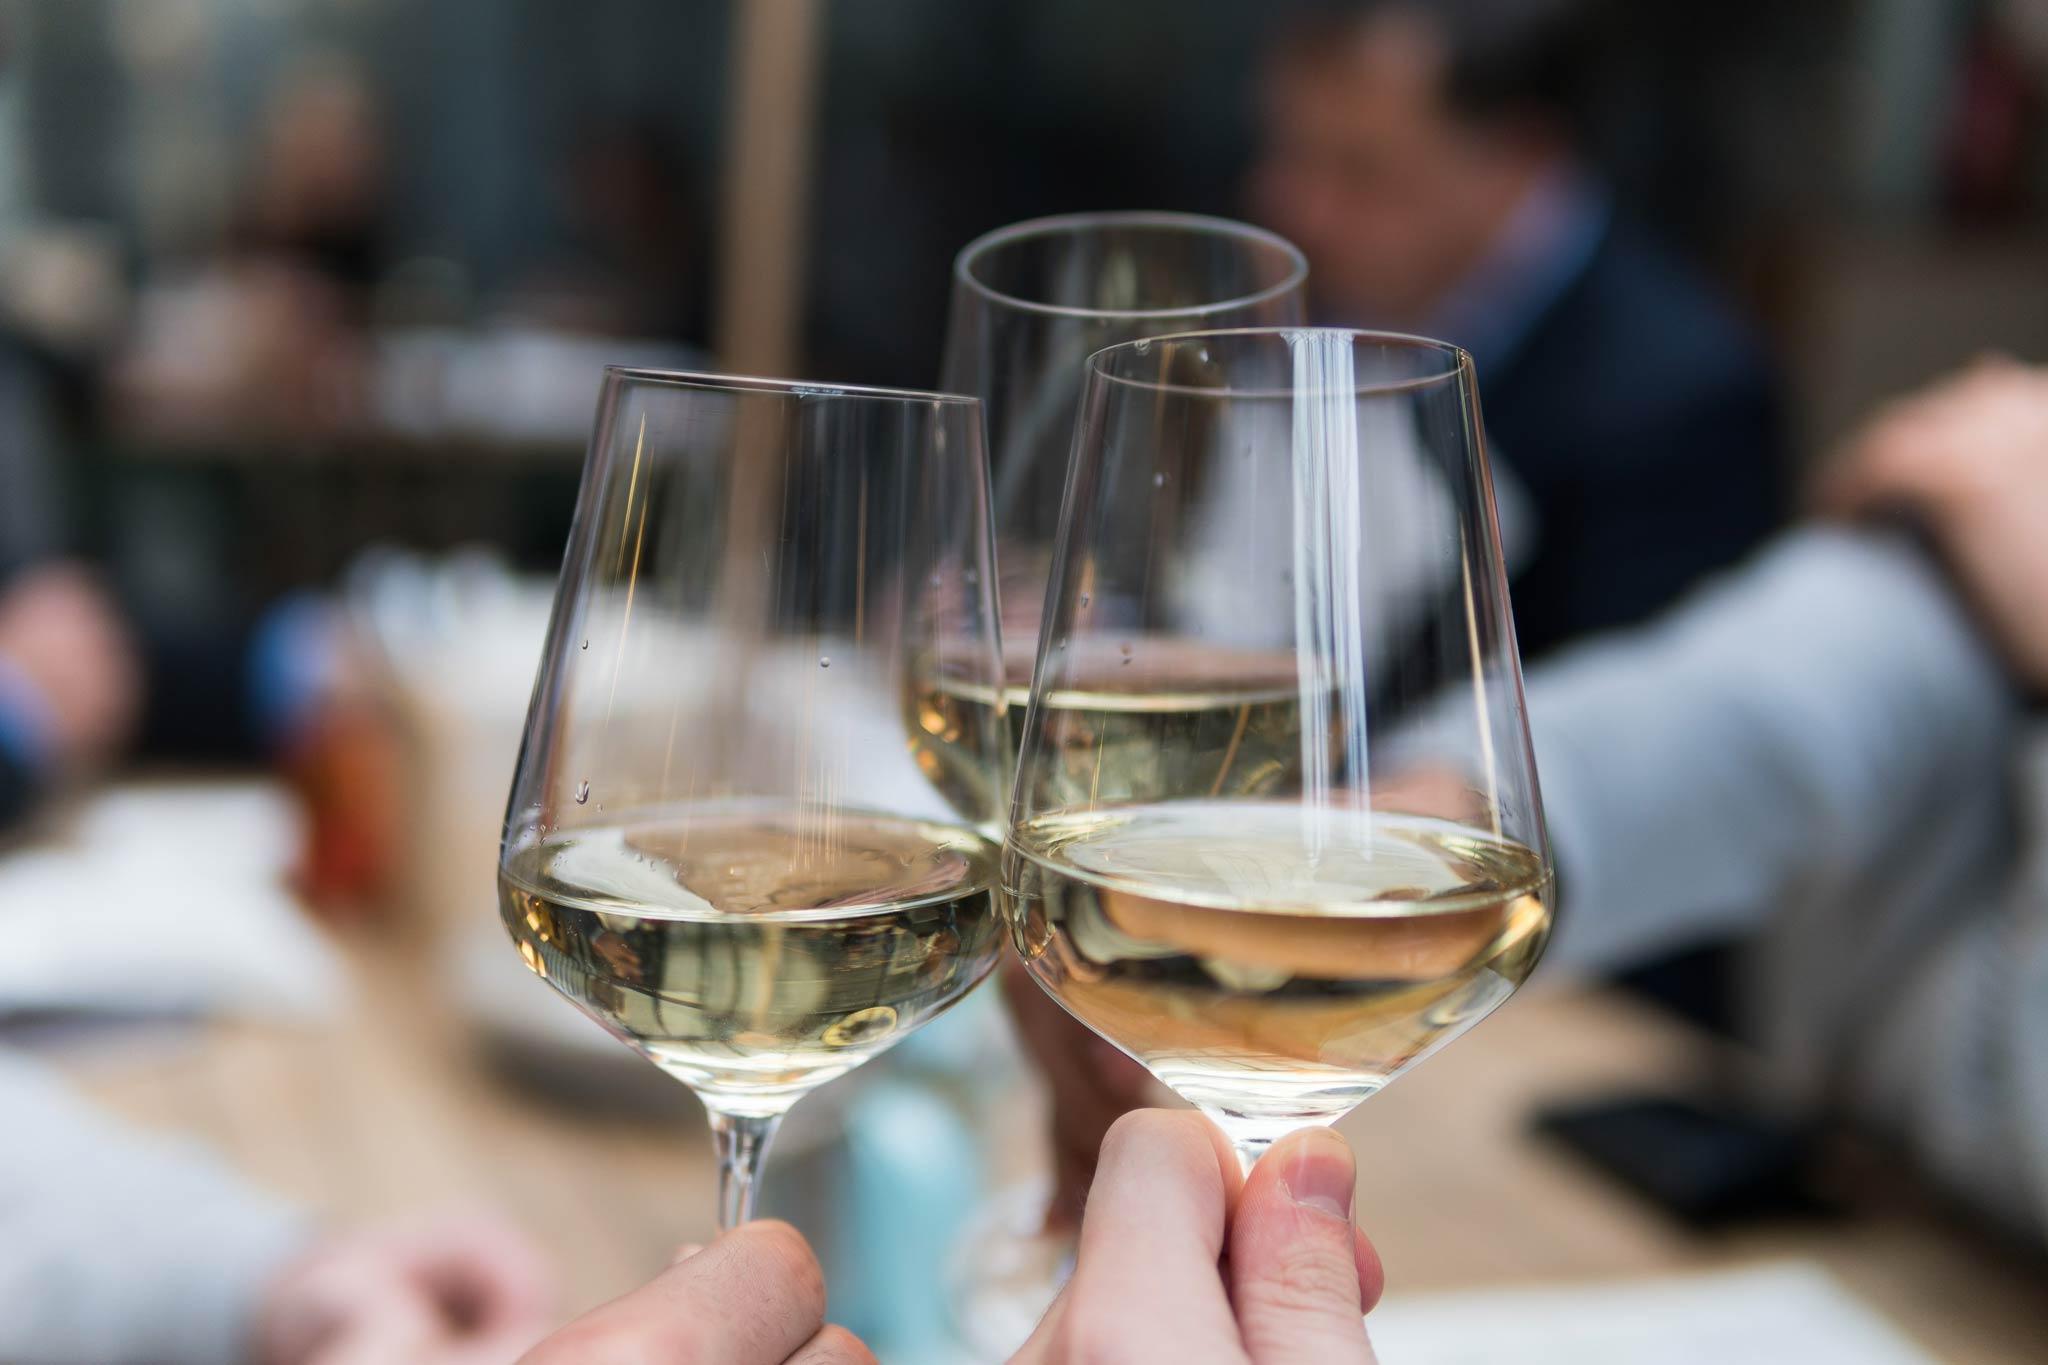 Cafe Walker Ueberlingen Bodensee Wein 03 Unsplash